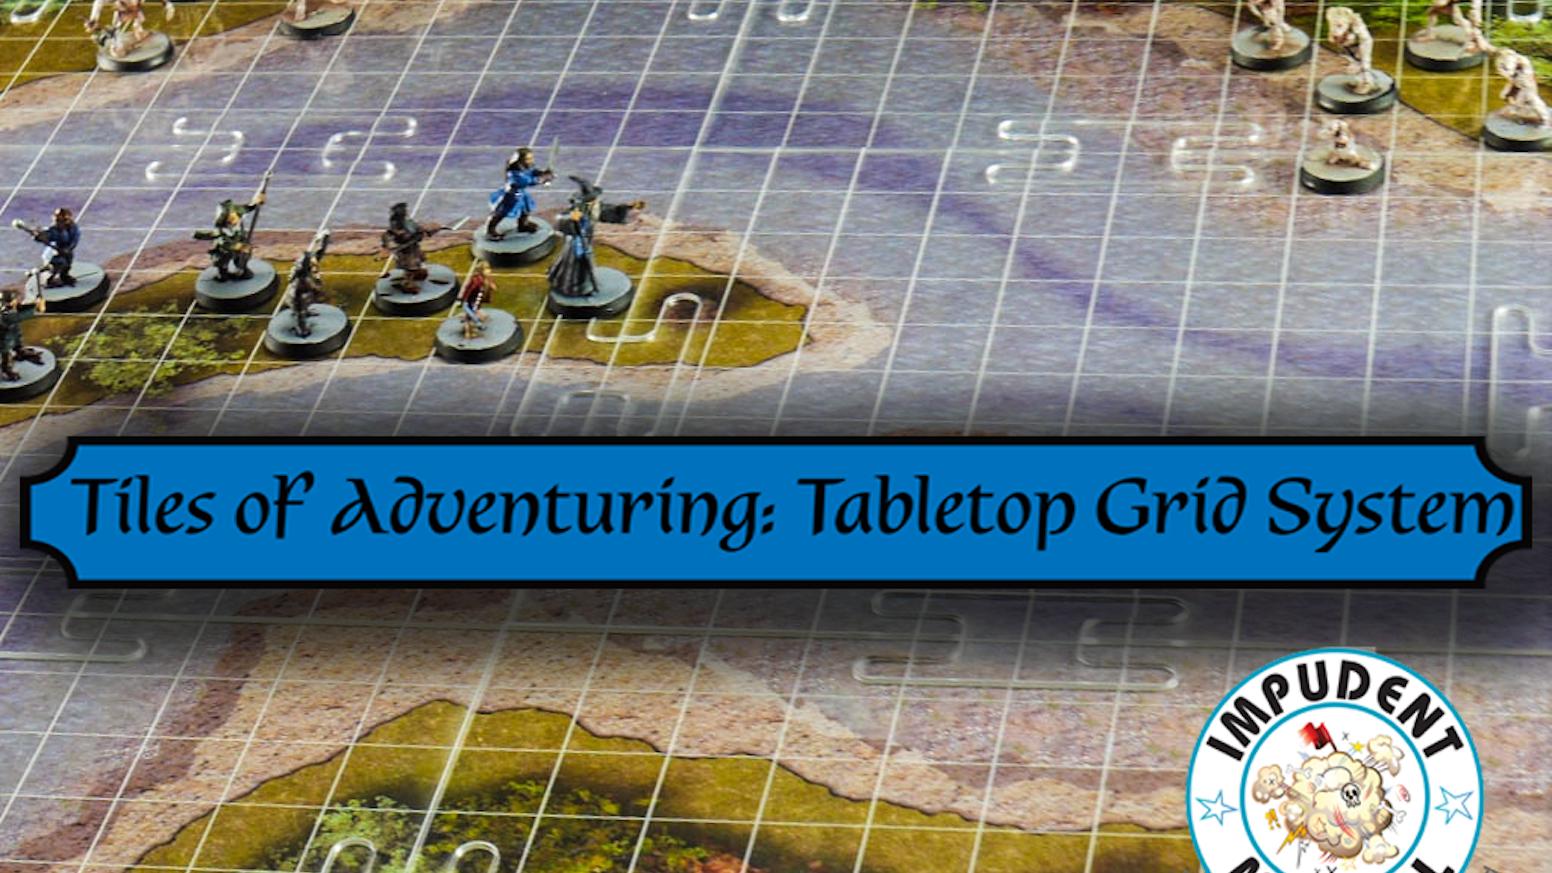 Tiles of Adventuring: Tabletop Grid System by Walt Langhans